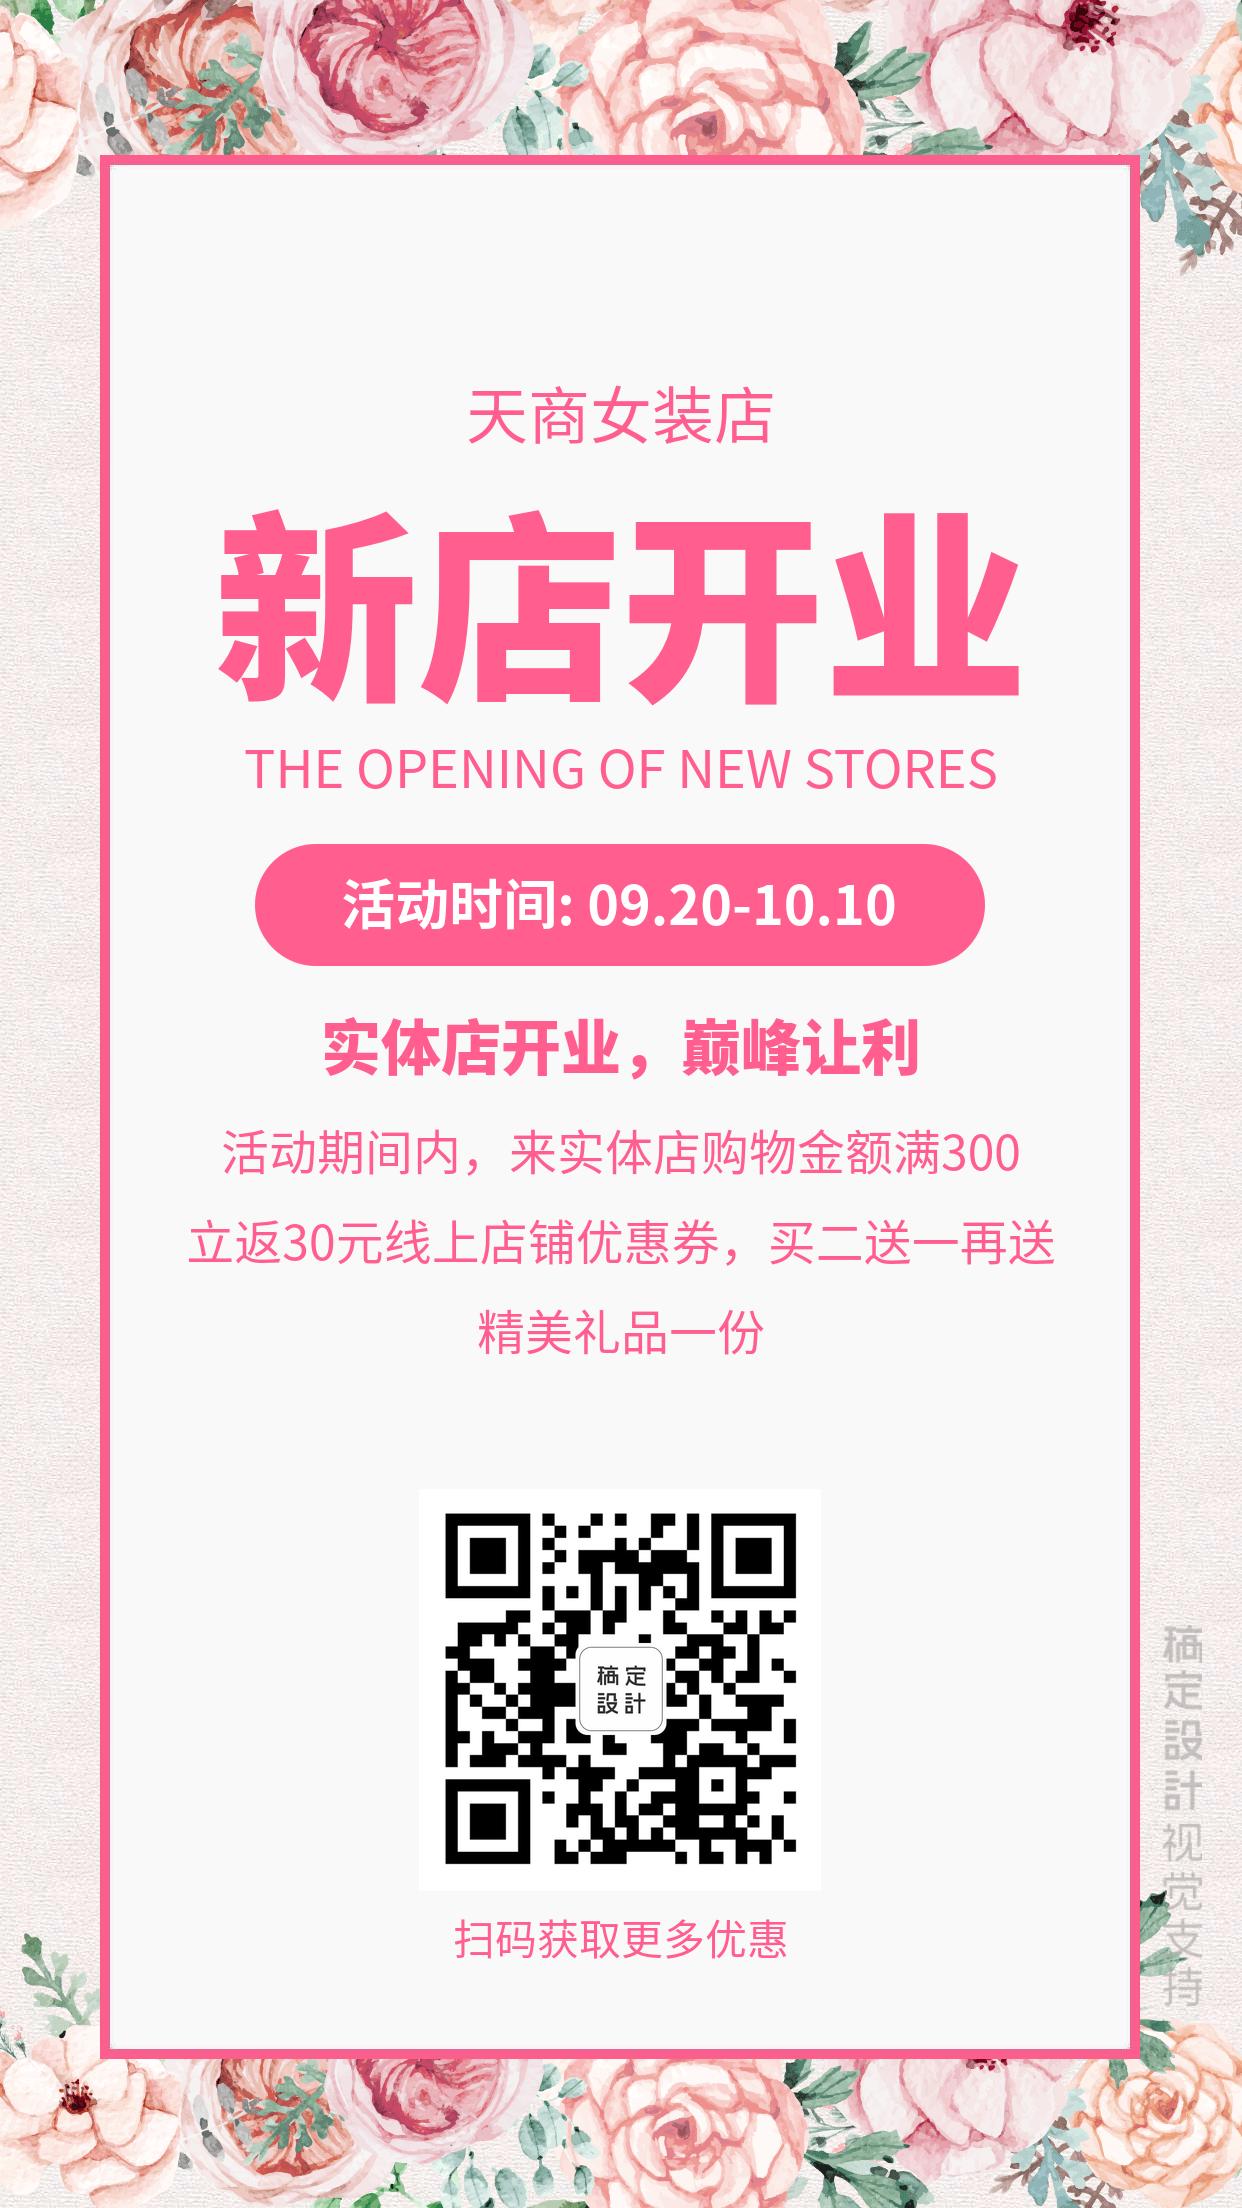 文艺简约新店开业引流促销